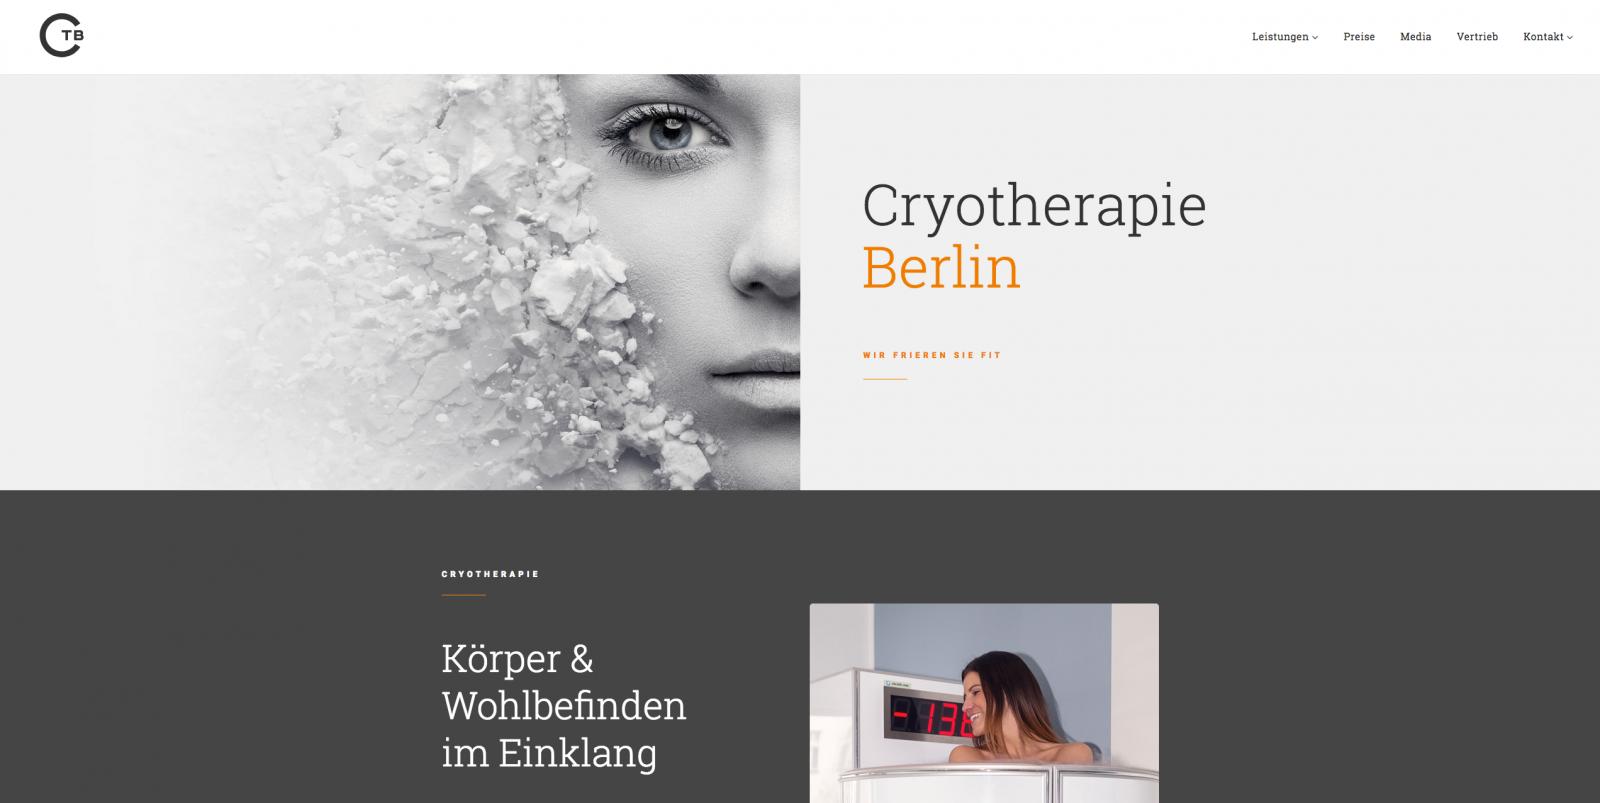 ctb-cryotherapie-berlin-kaeltetherapie-kryotherapie